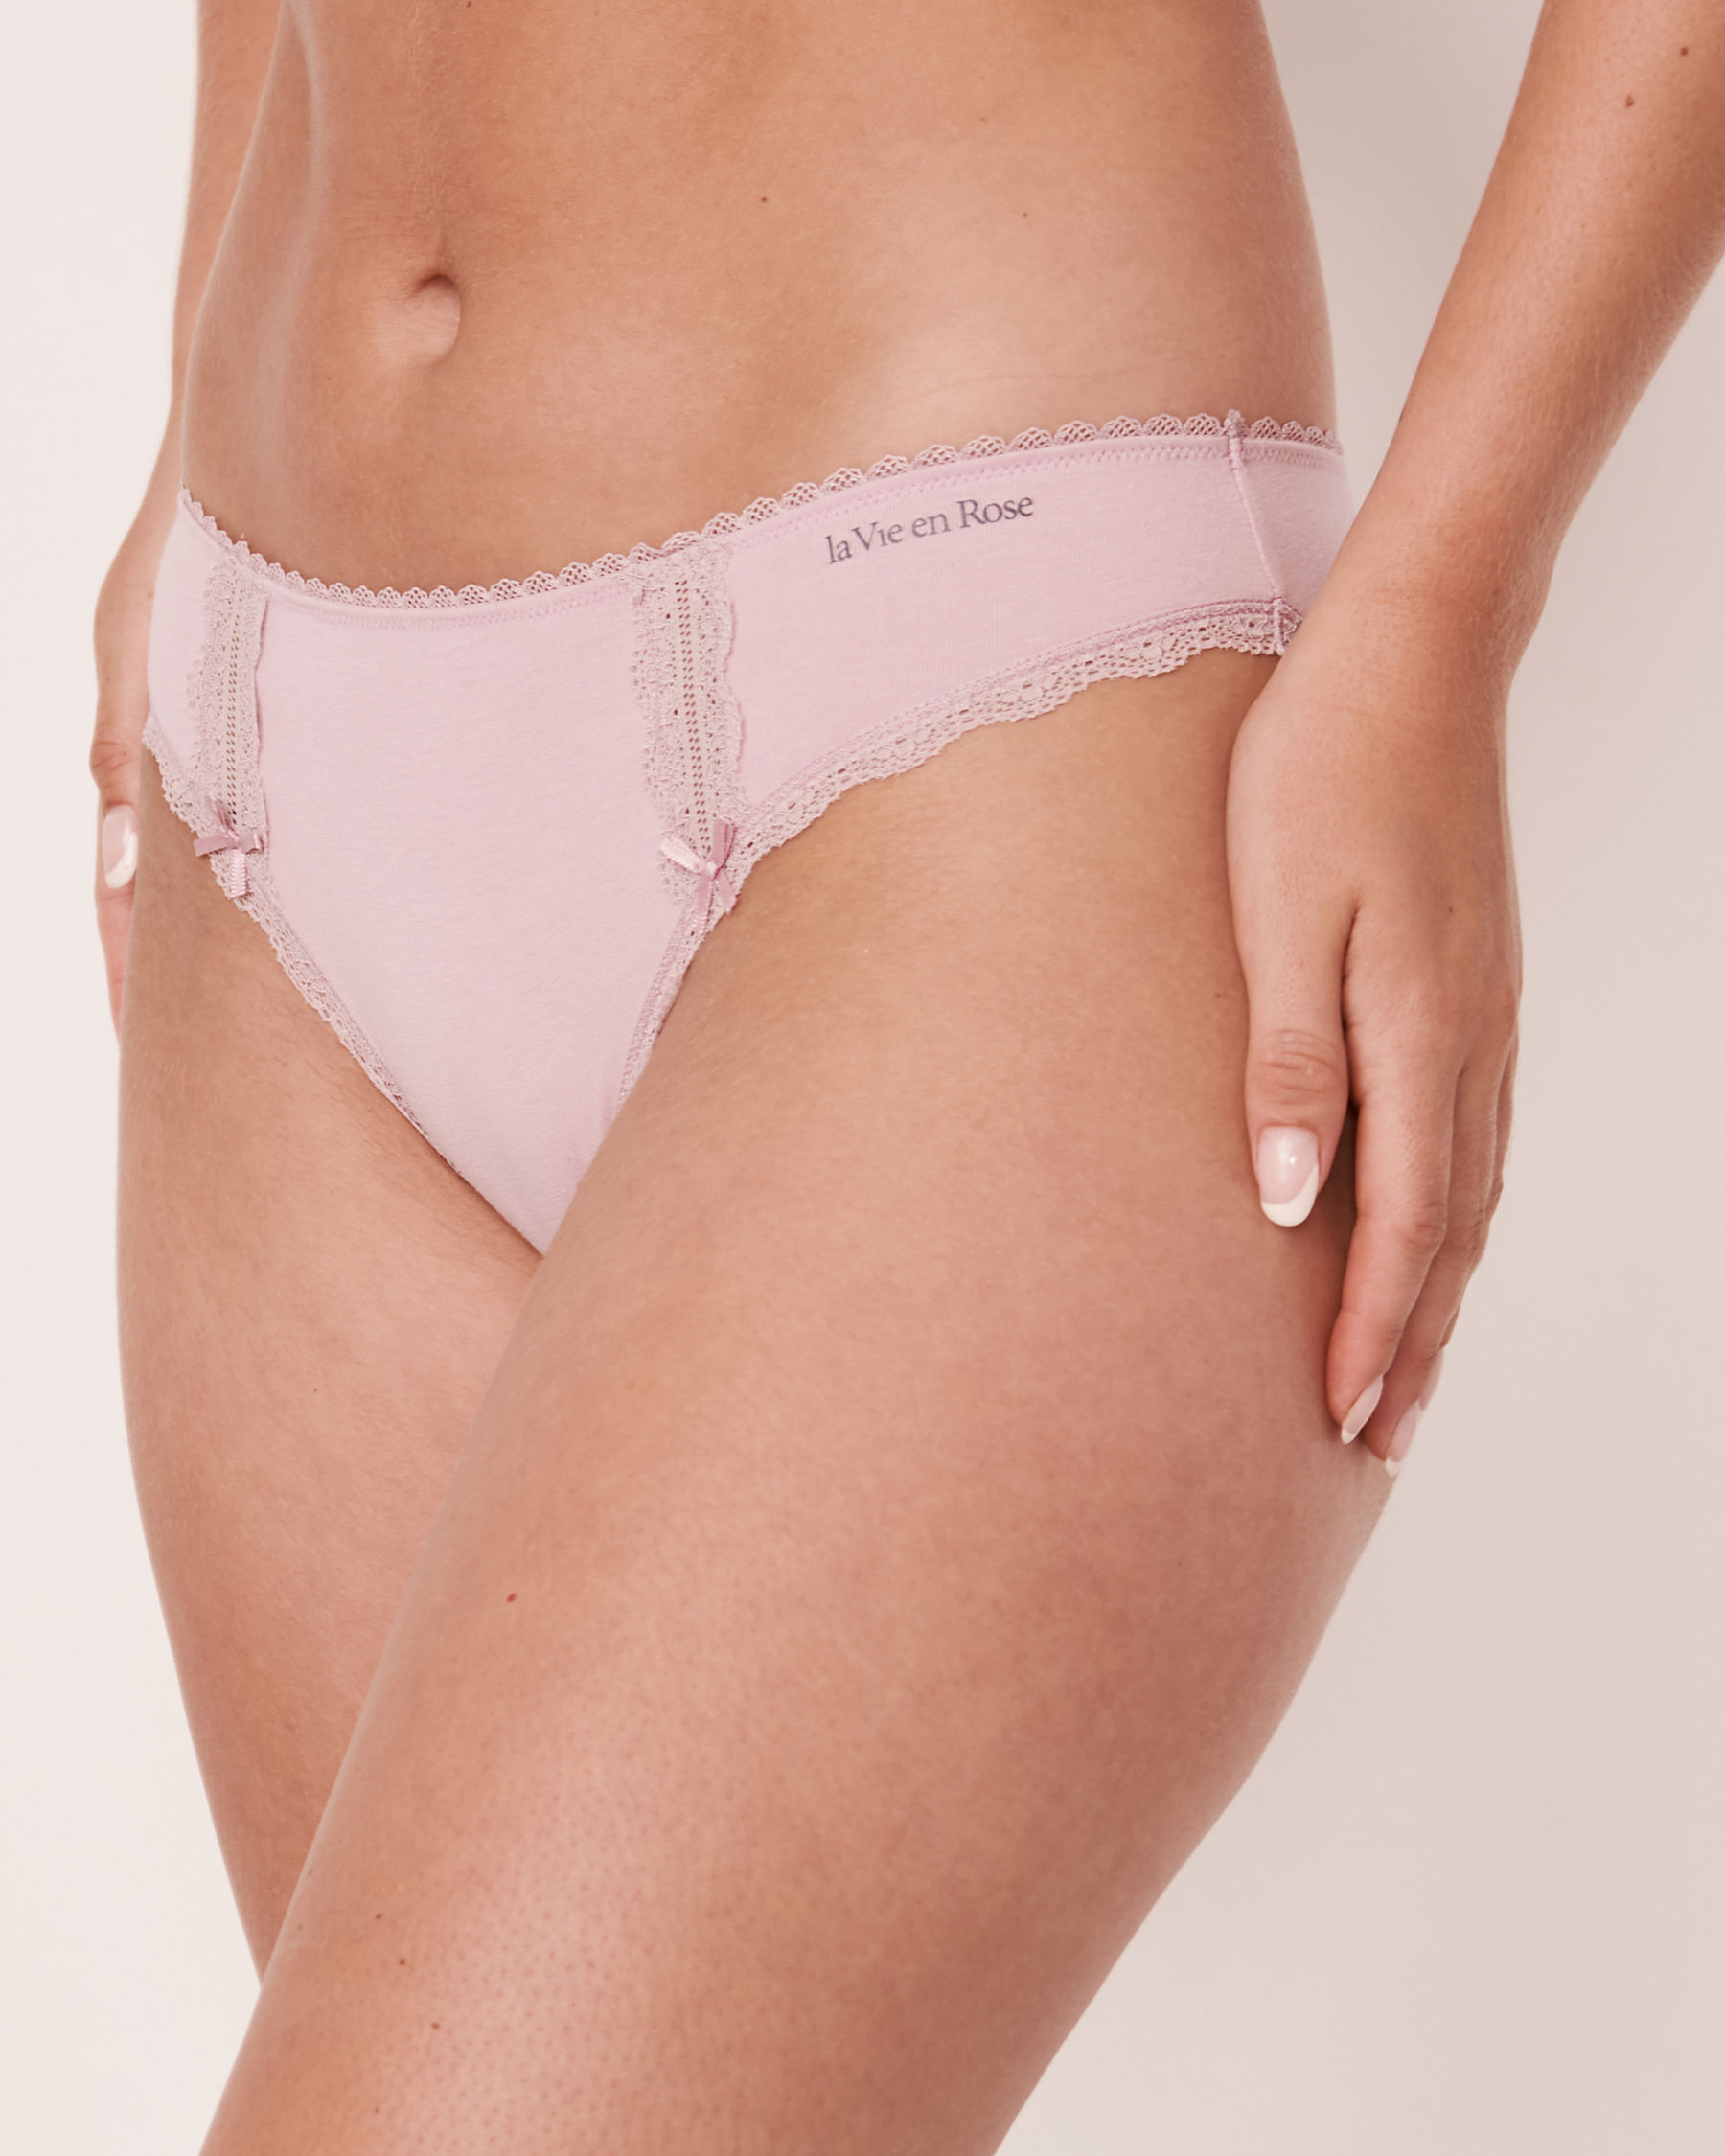 LA VIE EN ROSE Bikini Panty Lilac 20100072 - View1